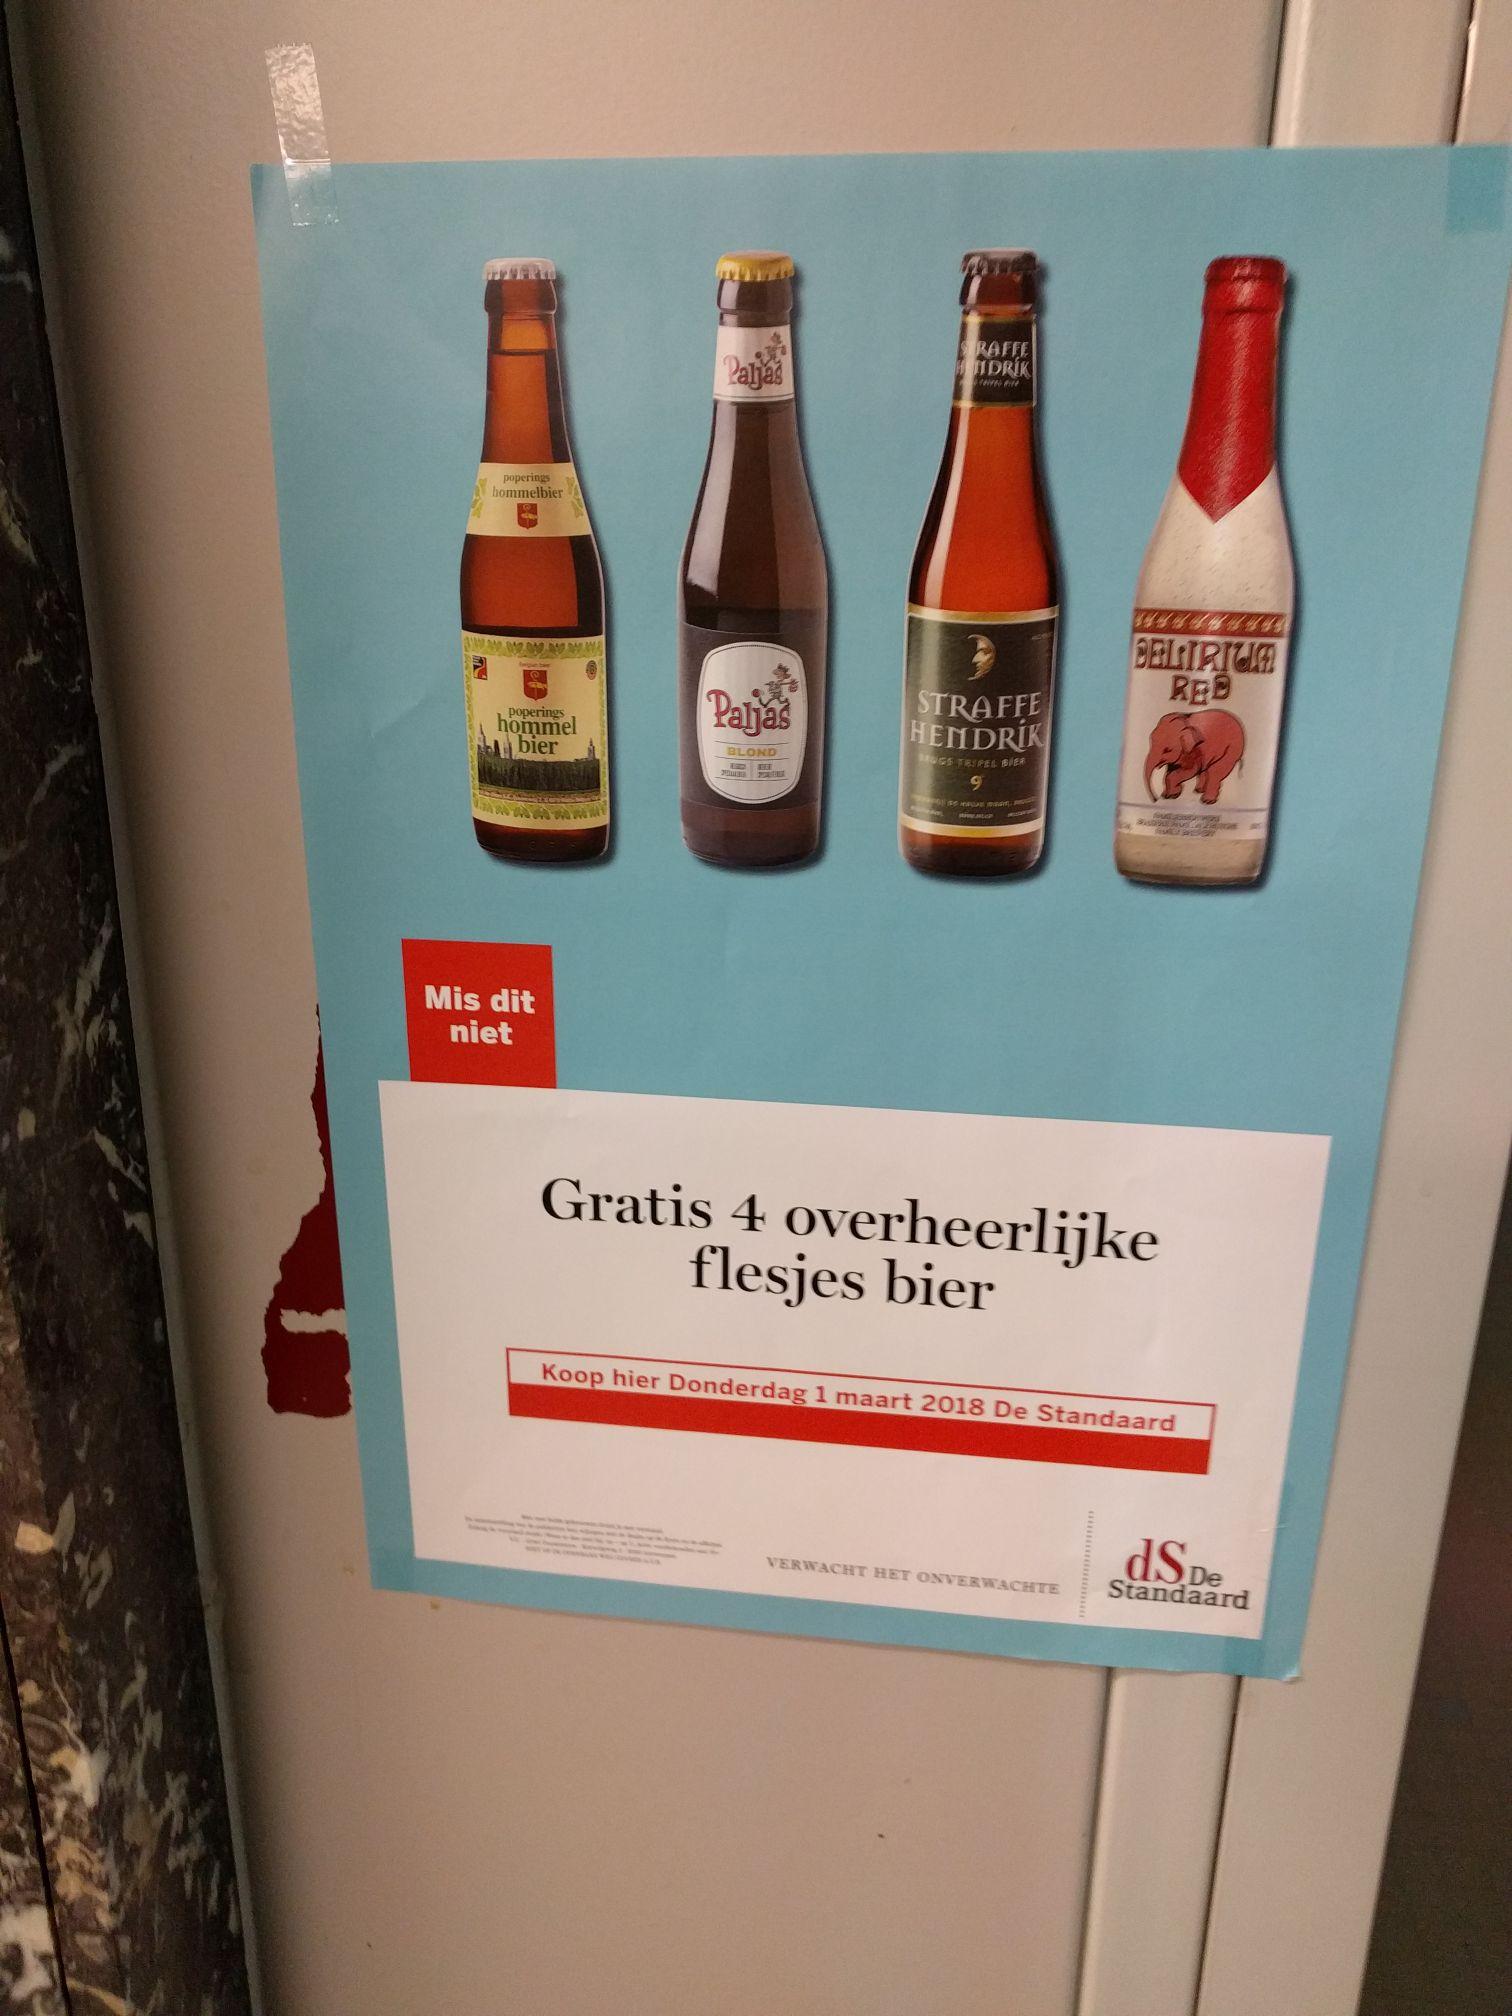 [GRENSDEAL BELGIË] 4 flesjes bier gratis bij krant